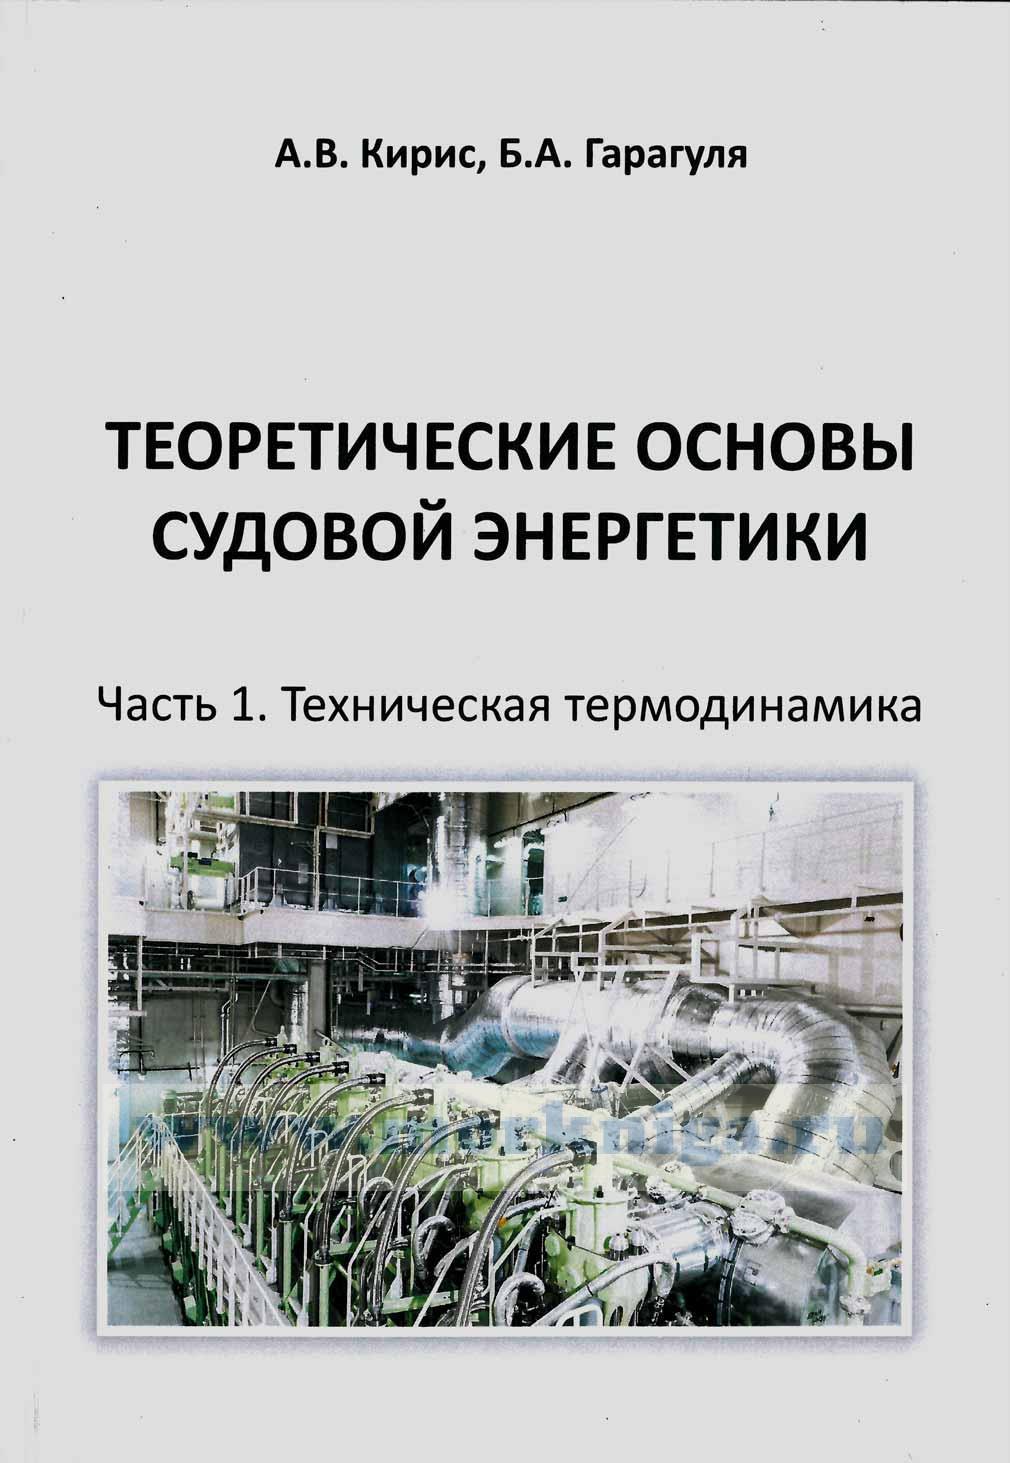 Теоретические основы судовой энергетики. Ч. 1. Техническая термодинамика